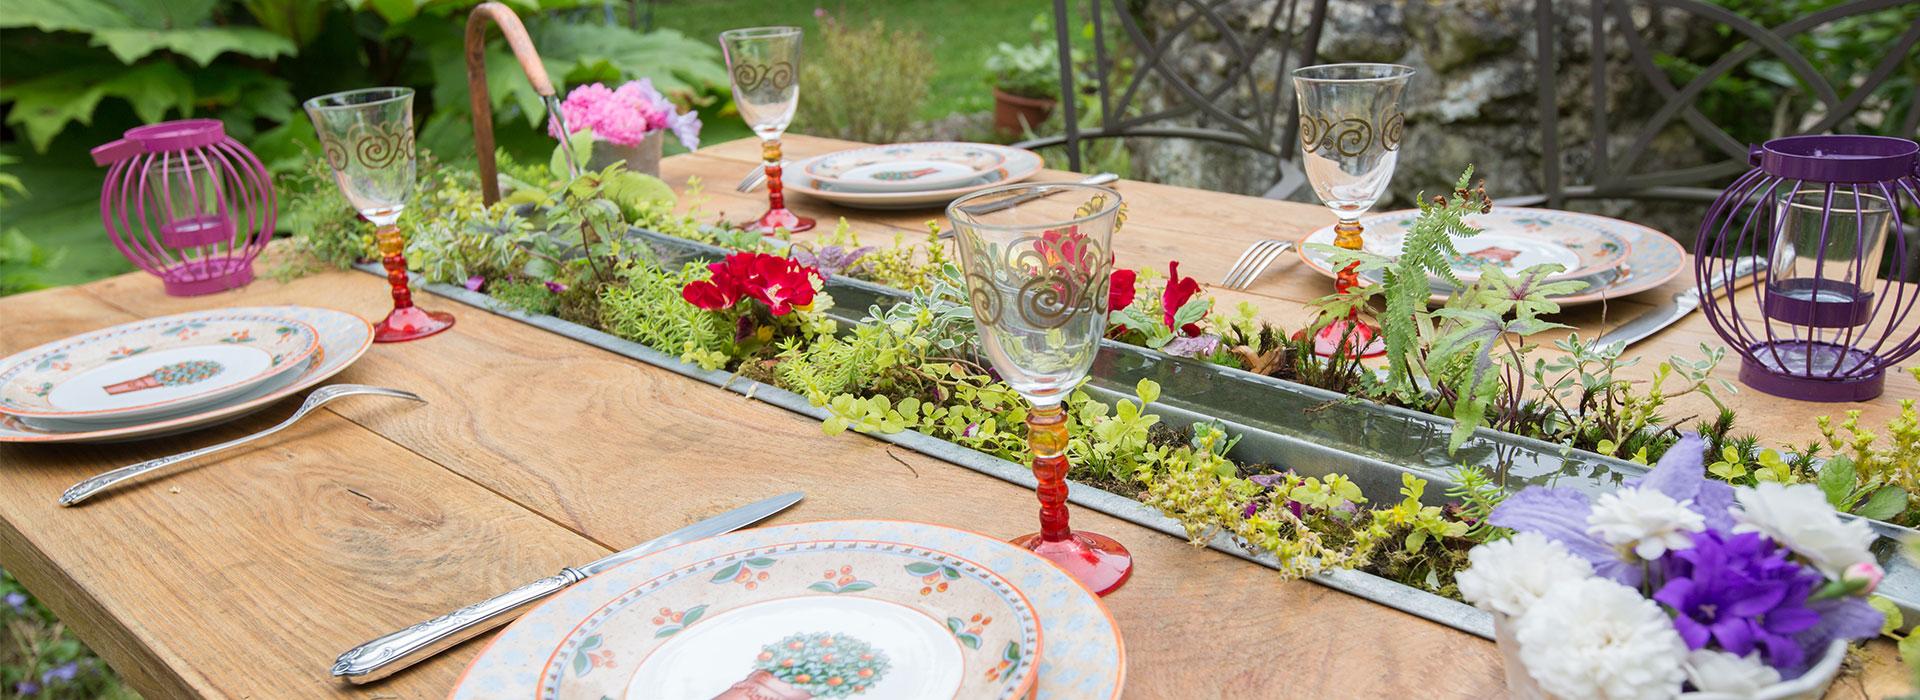 table esprit vert